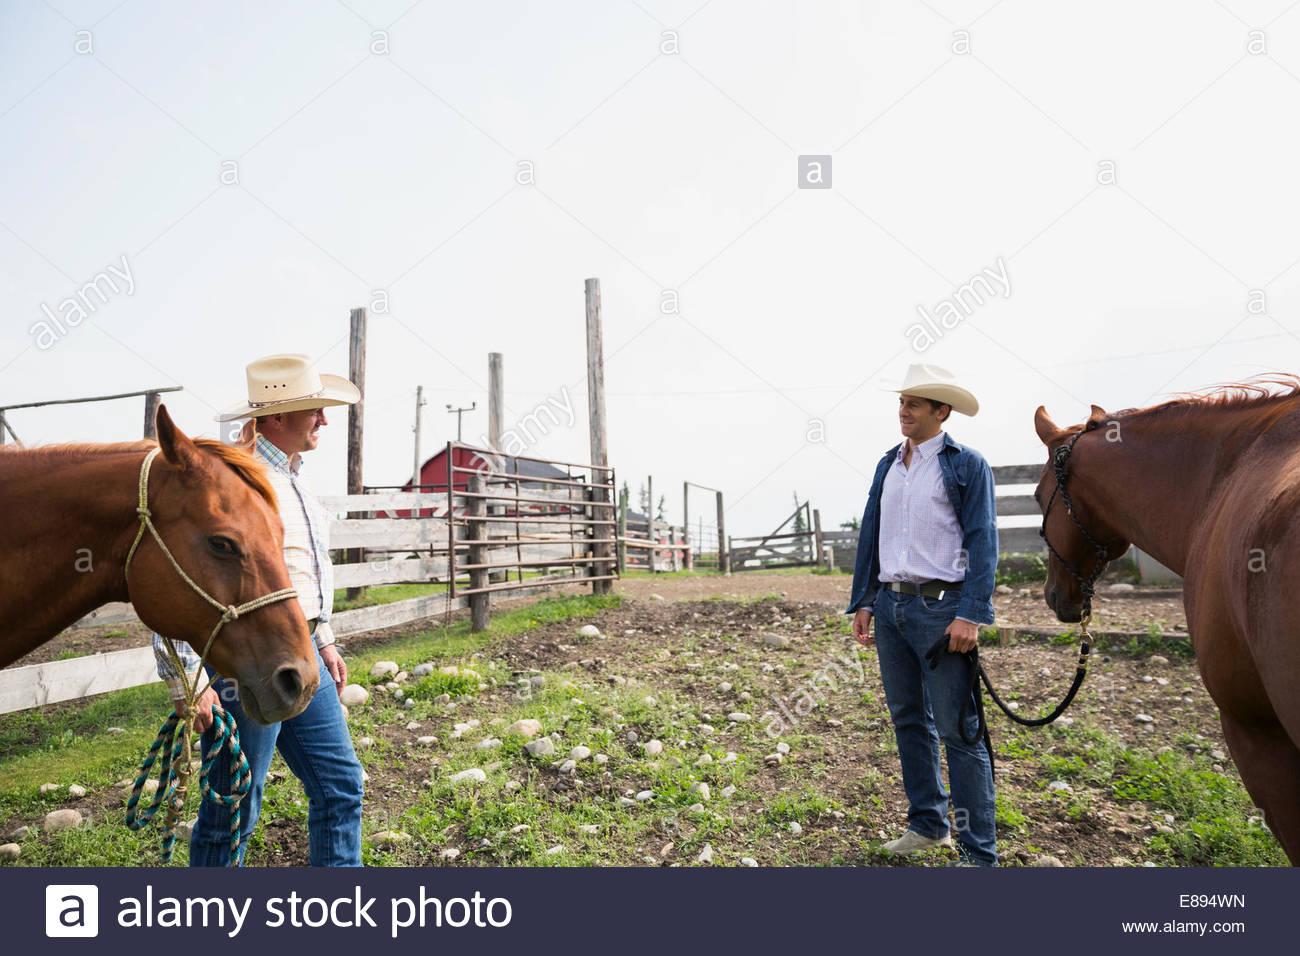 Los rancheros con caballos hablando en la pastura Imagen De Stock